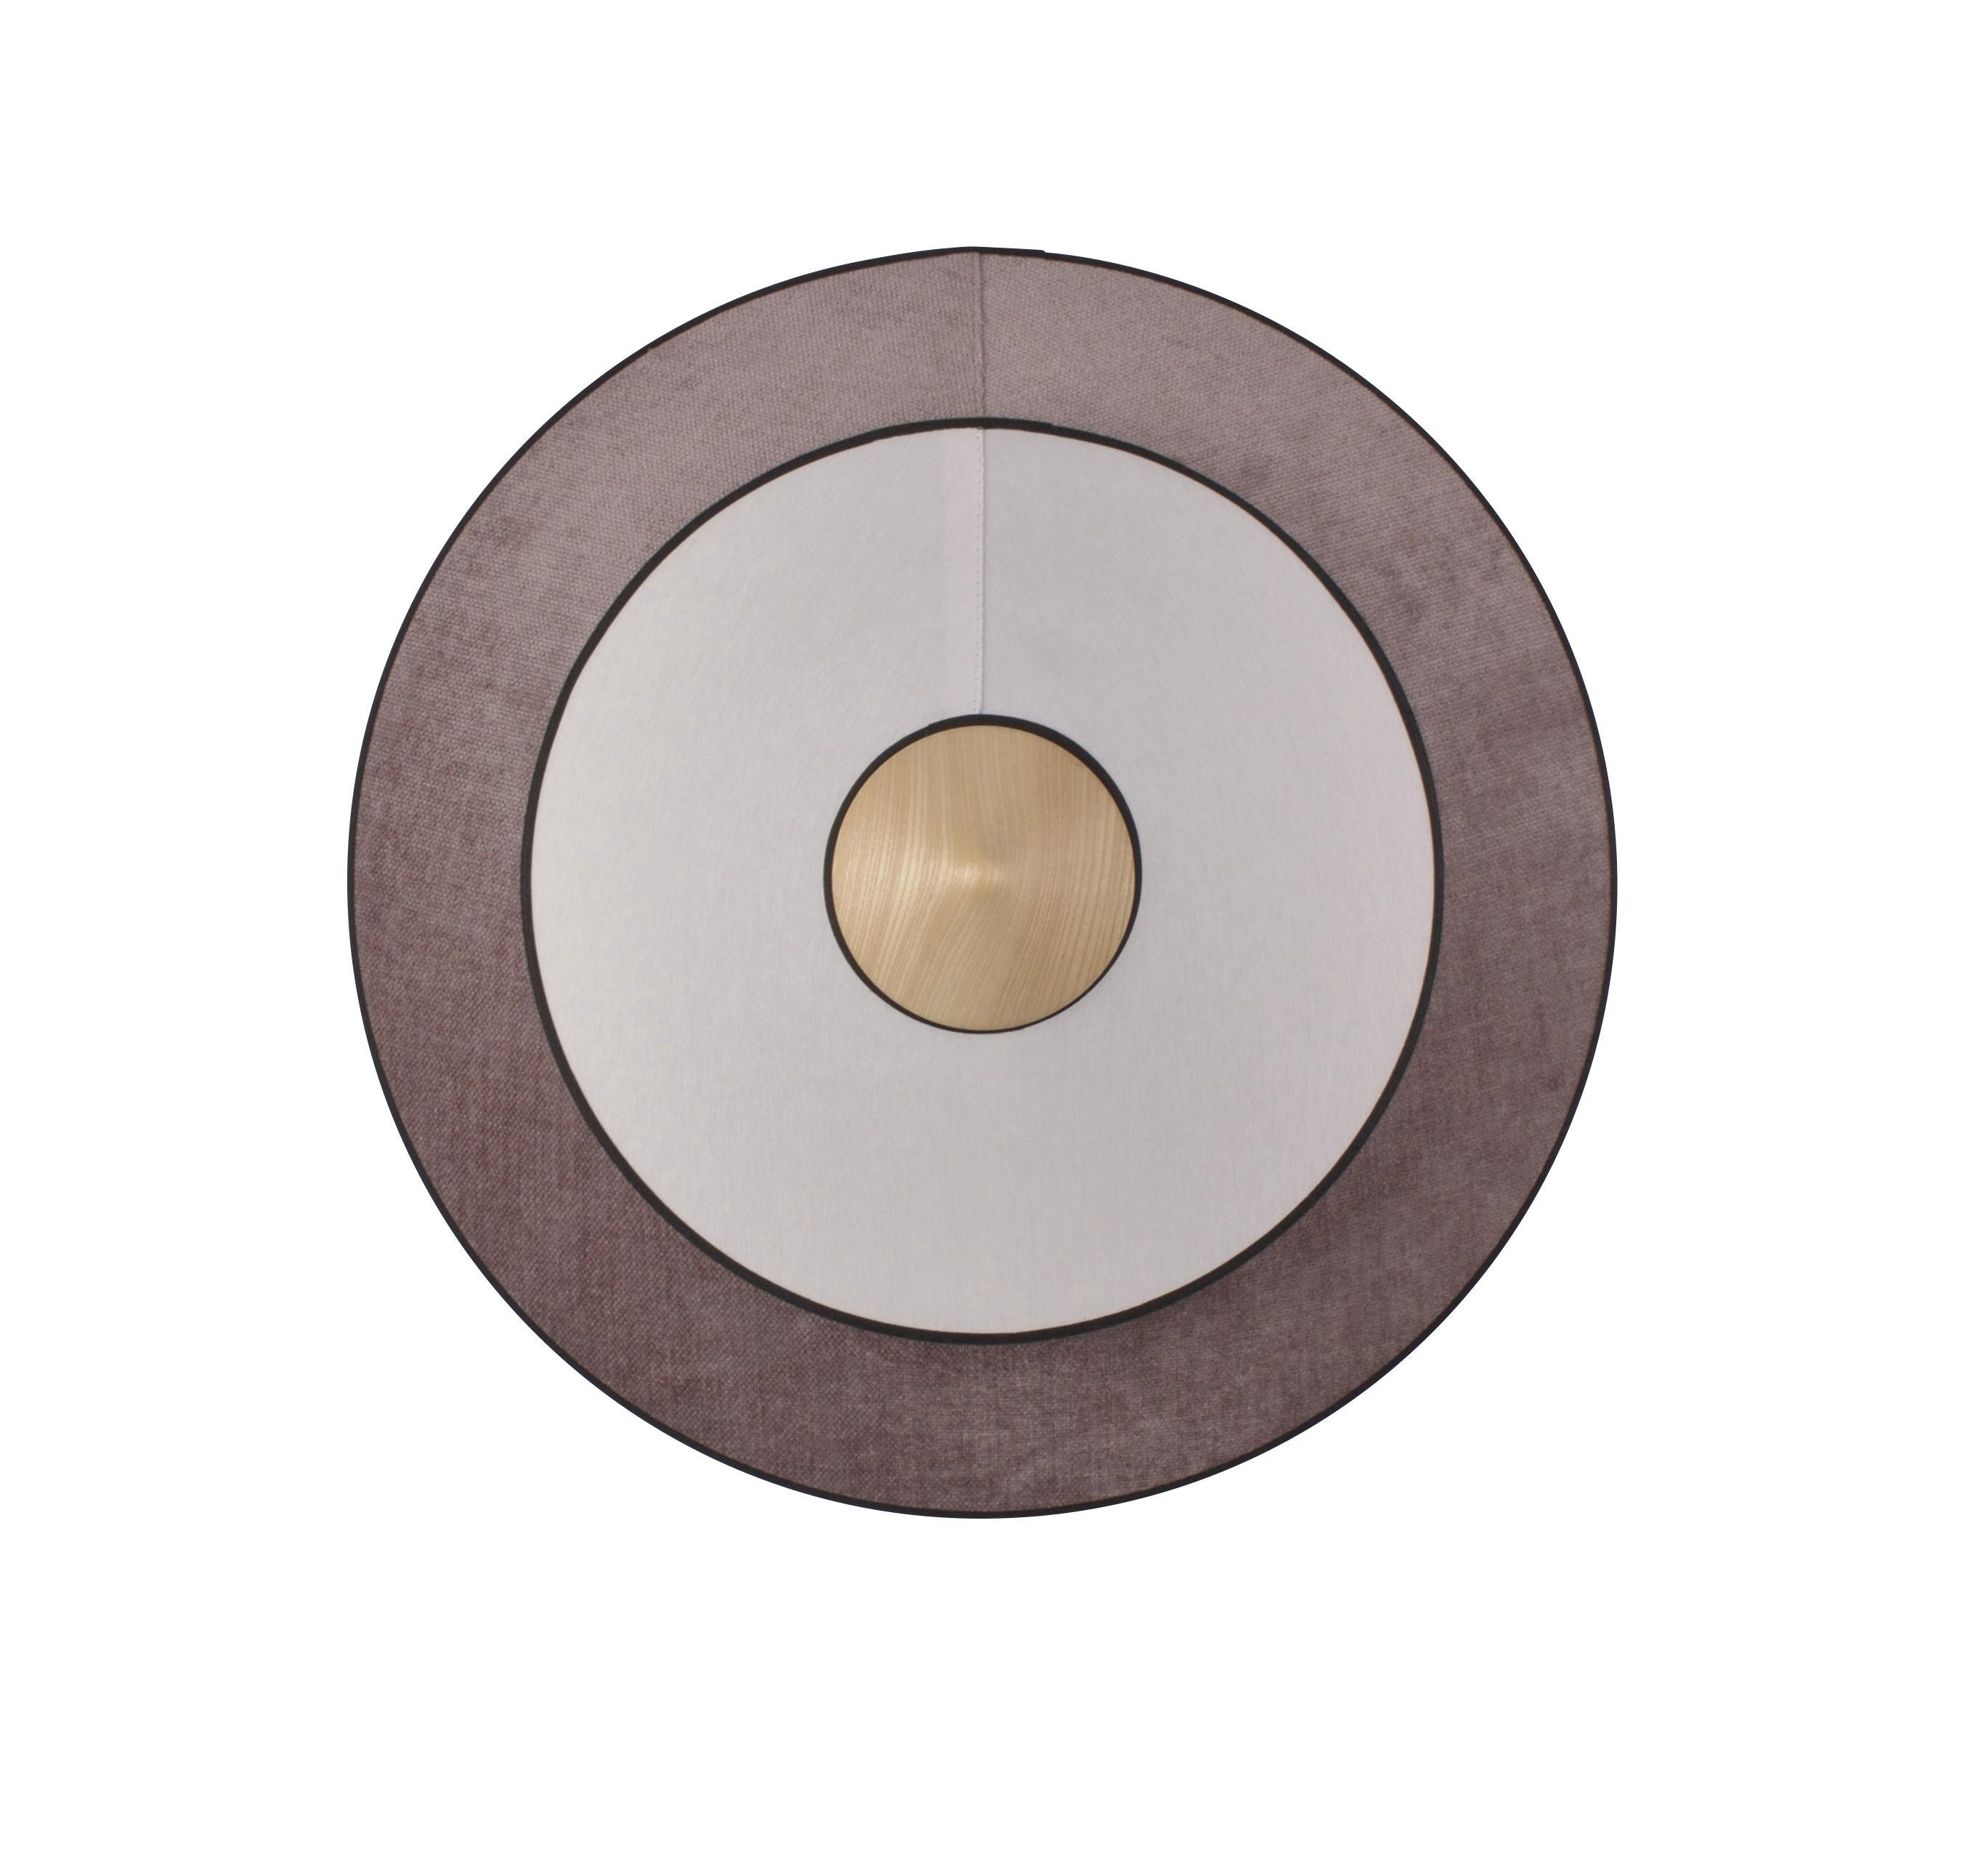 Illuminazione - Lampade da parete - Applique Cymbal LED - / Medium - Ø 50 cm - Tessuto di Forestier - Rosa polvere - Cotone intrecciato, Rovere, Velluto